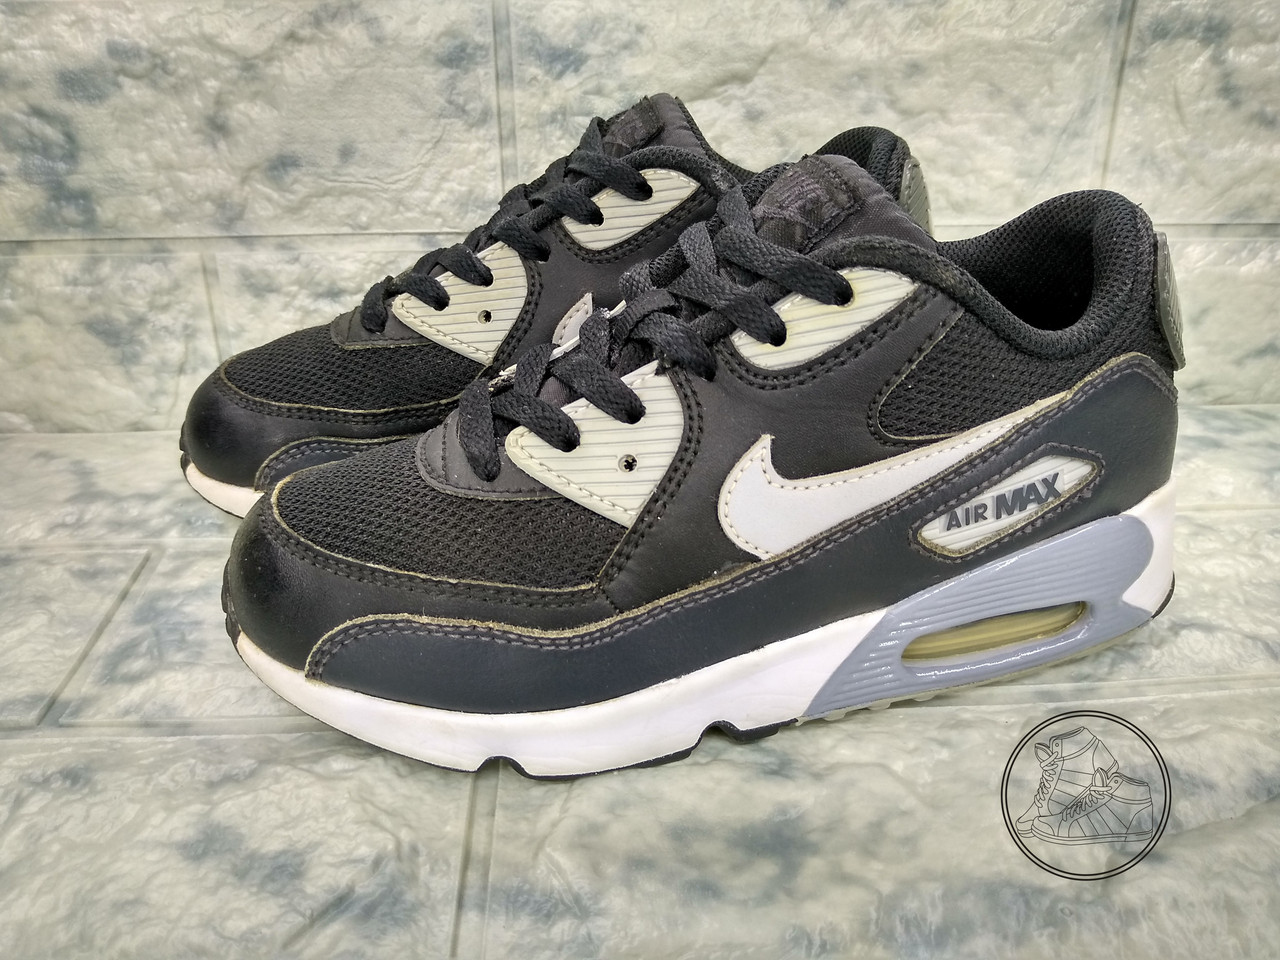 8c6262c2 Кроссовки Nike AIR MAX (33 размер) бу - Интернет-магазин обуви из Европы